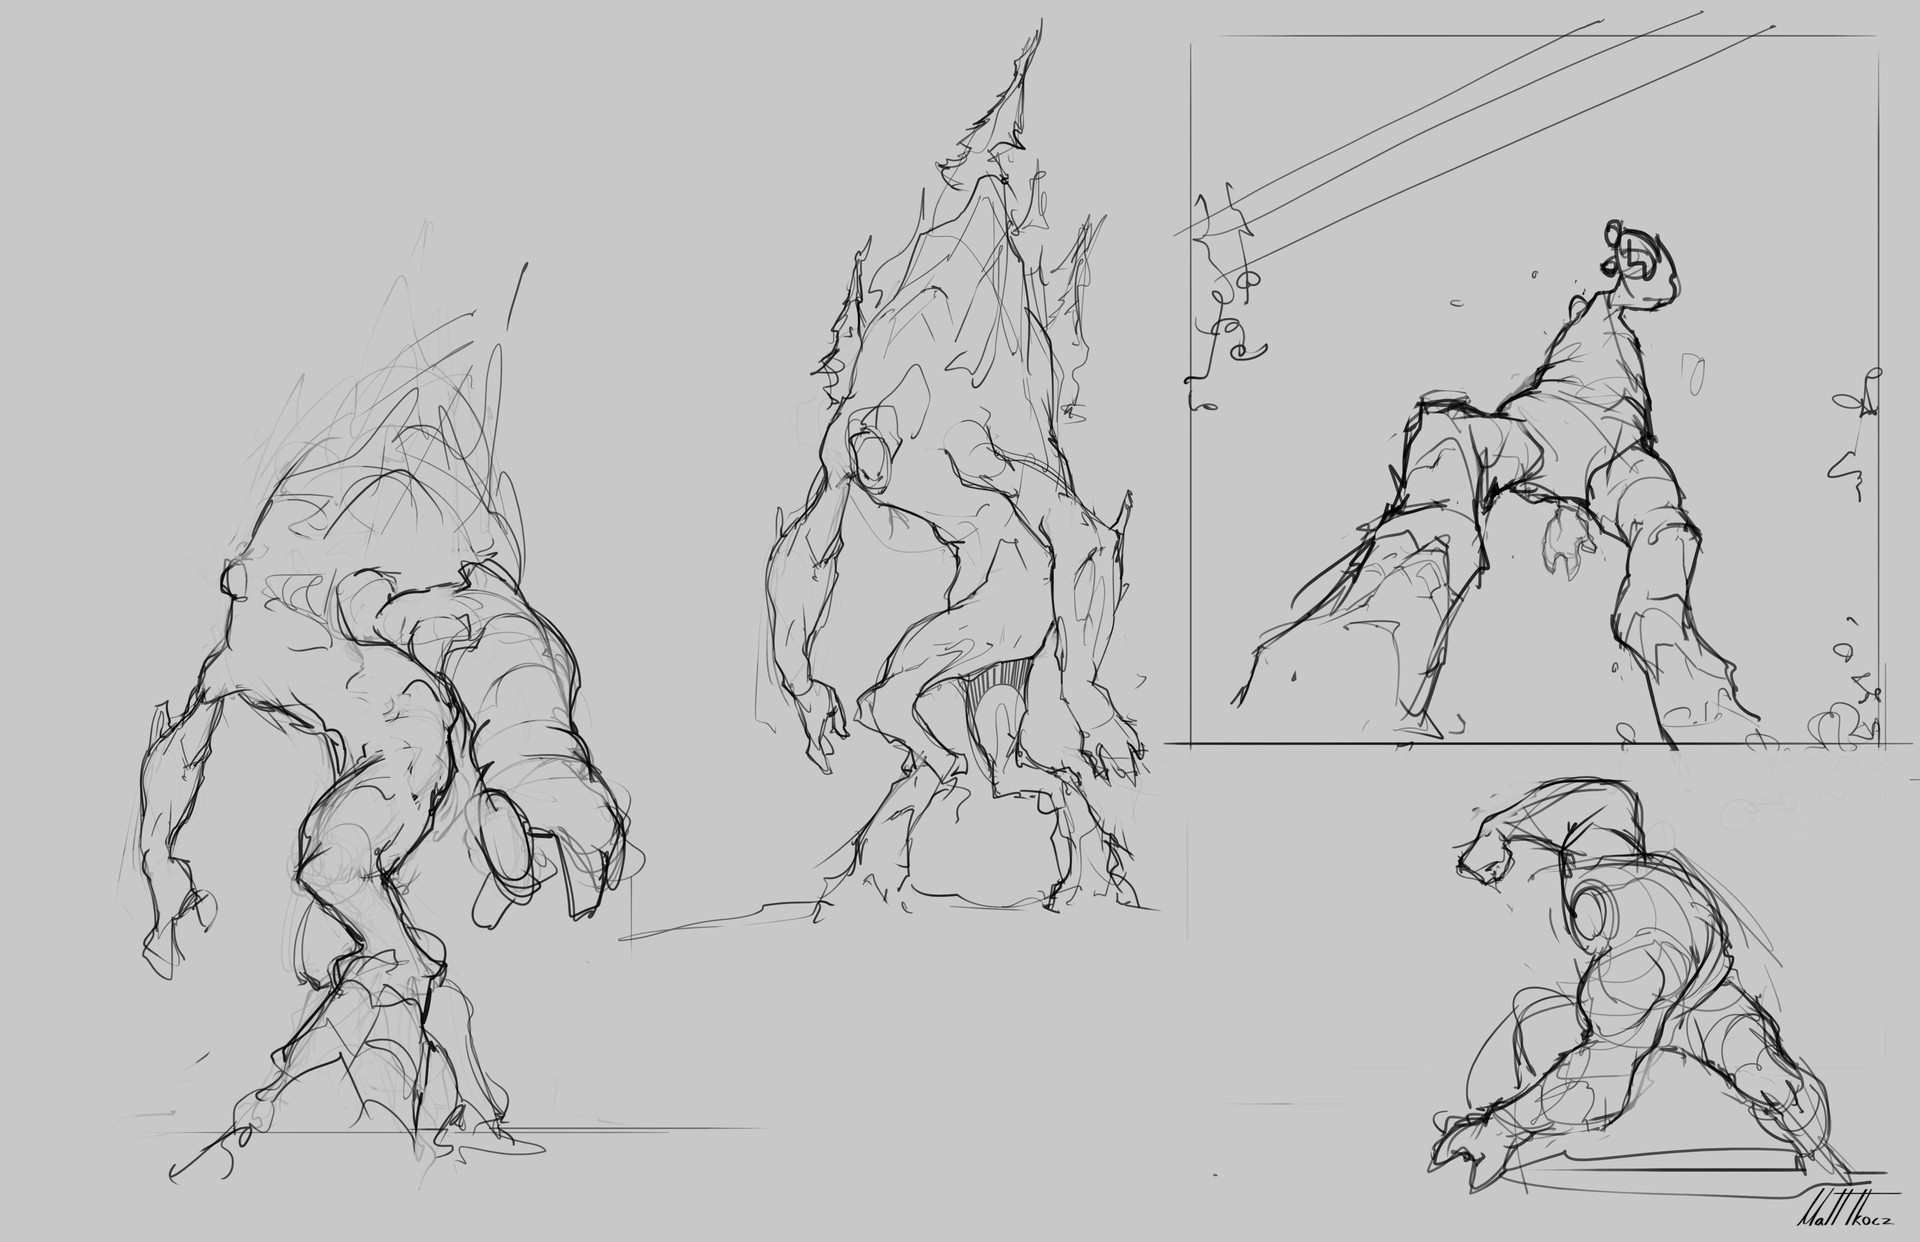 Matt tkocz giants sketches10